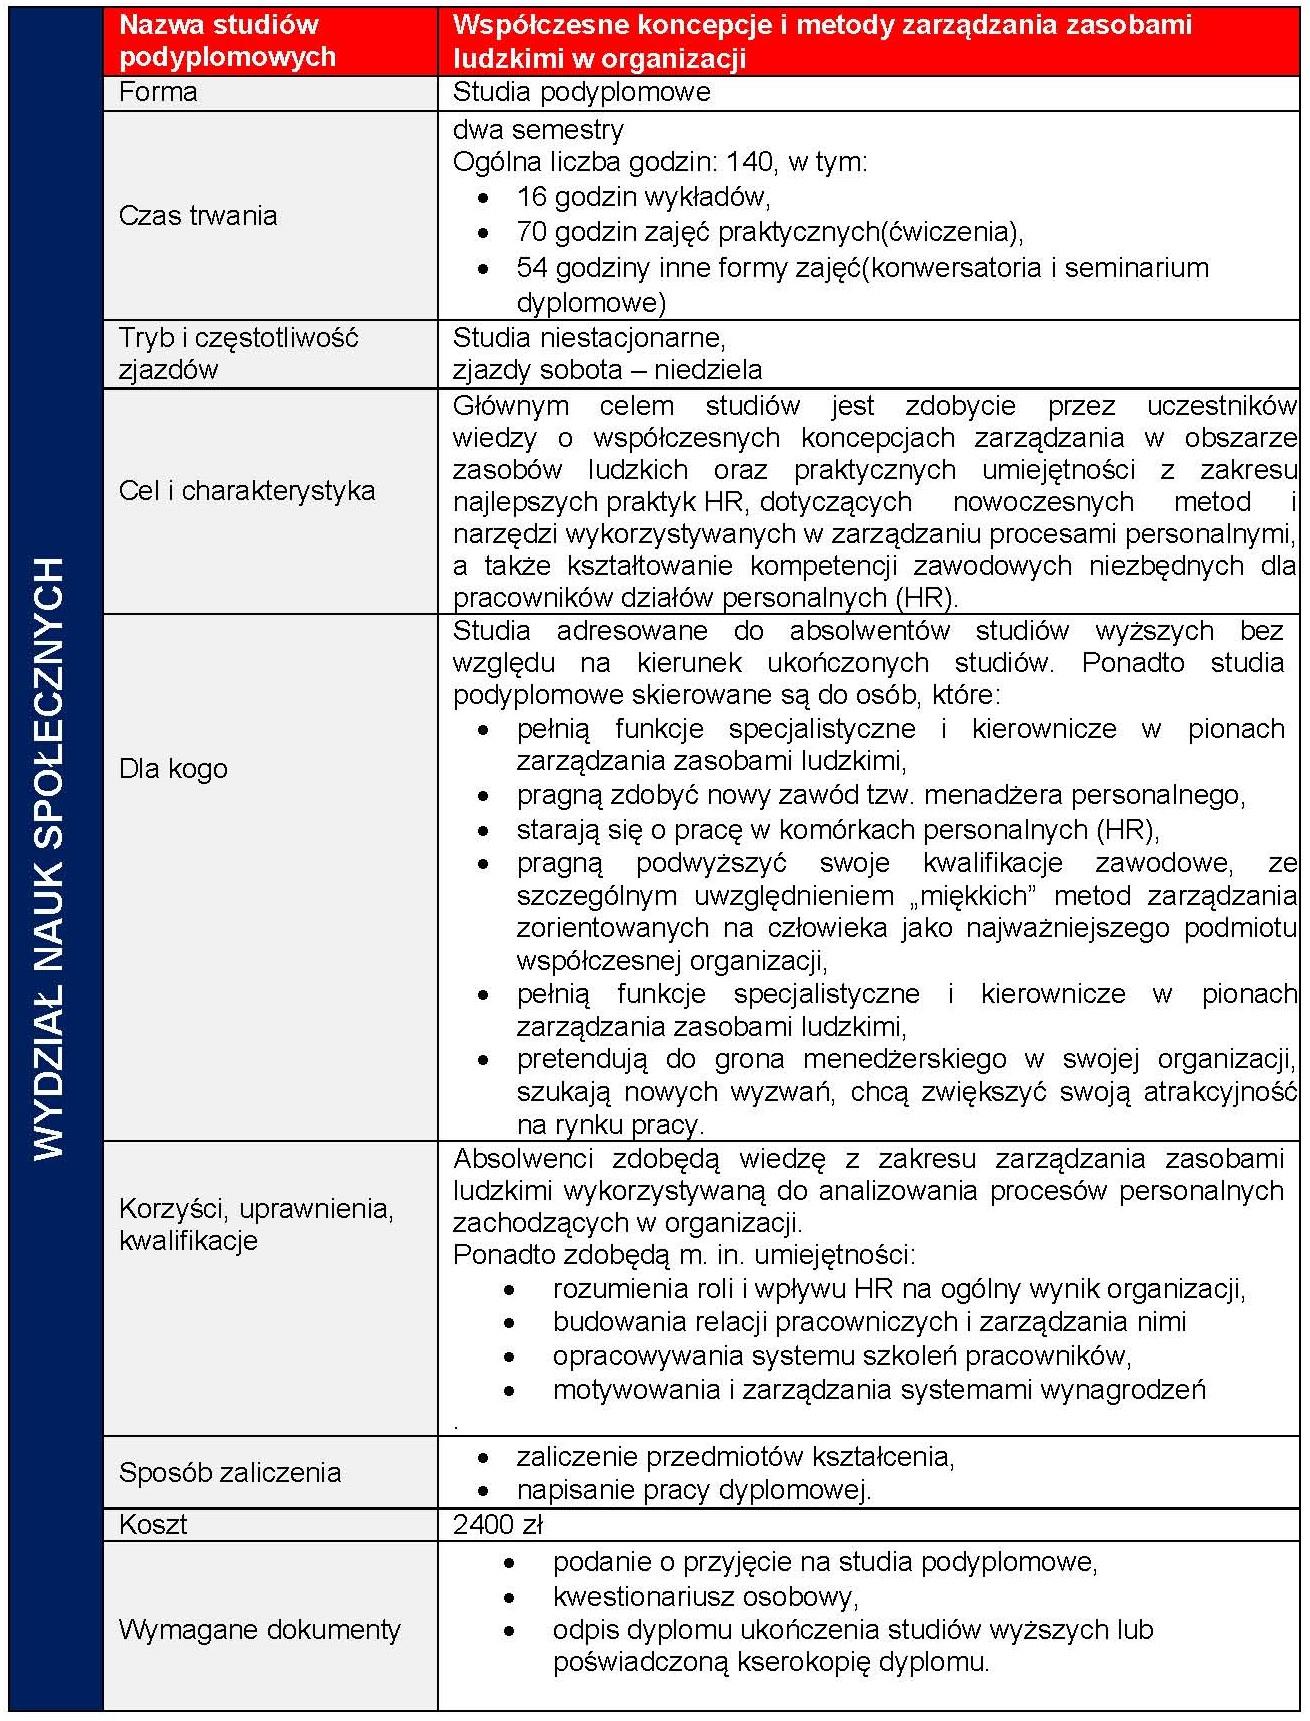 Ulotka Współczesne koncepcje i metody zarządzania zasobami ludzkimi w organizacji